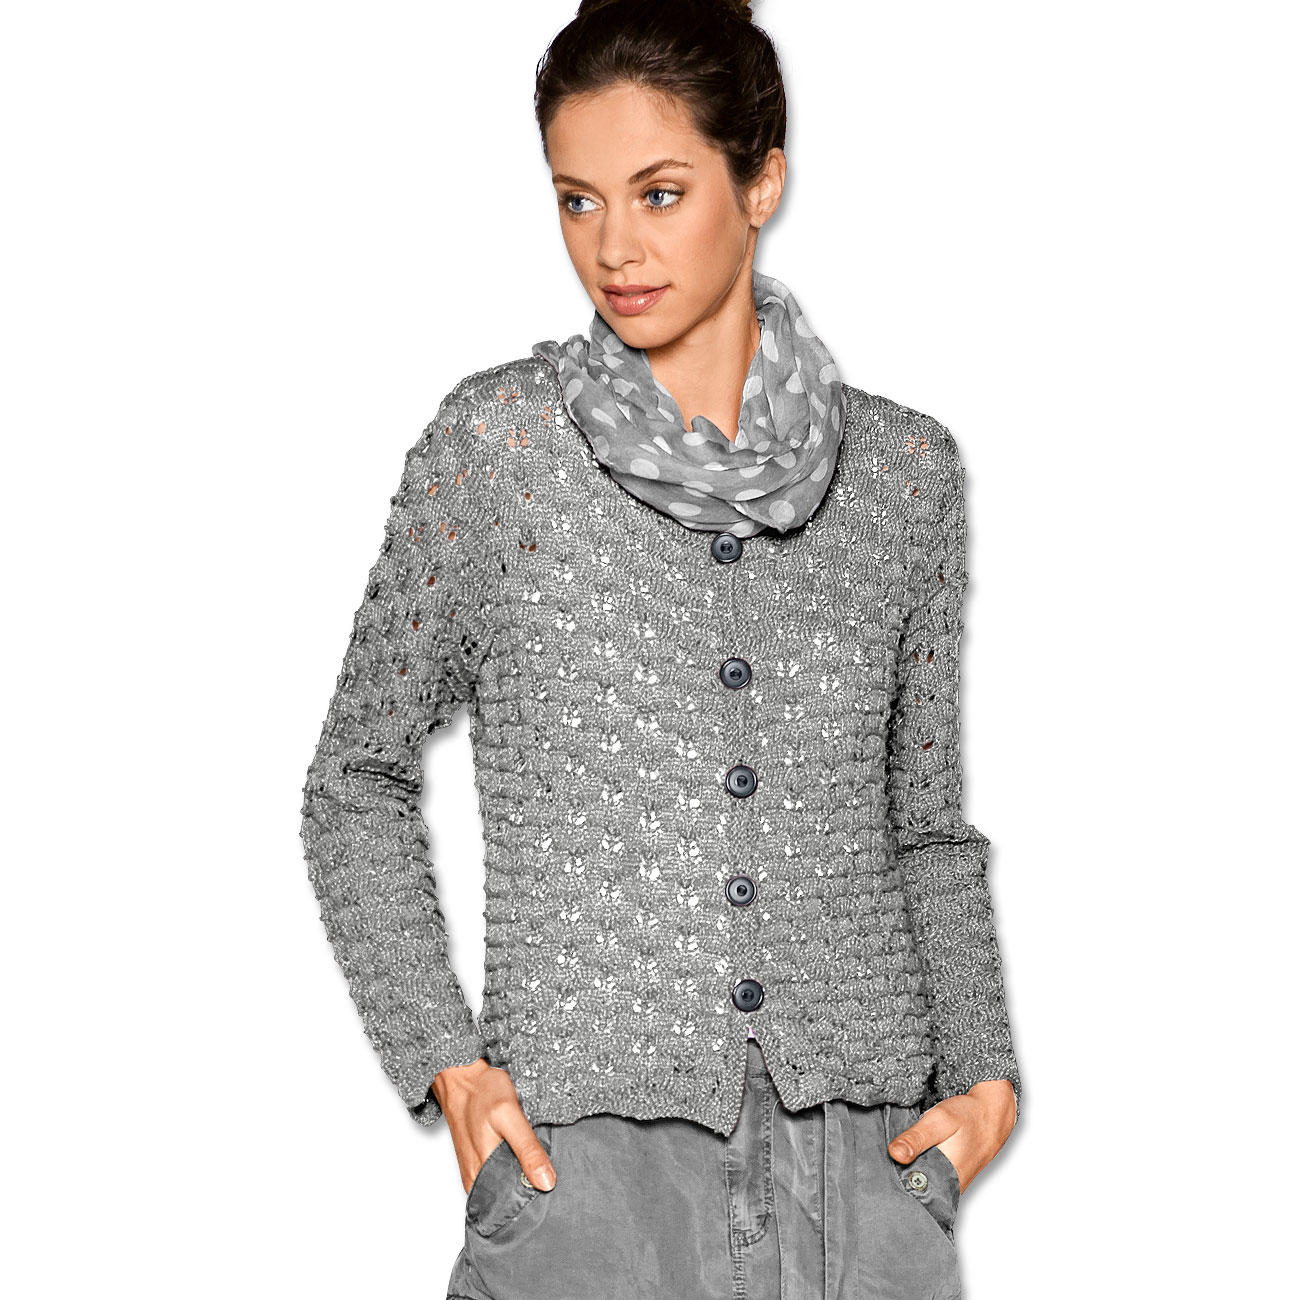 Anleitung 2427 Damen Jacke Aus Dacapo Von Junghans Wolle 1 Versch